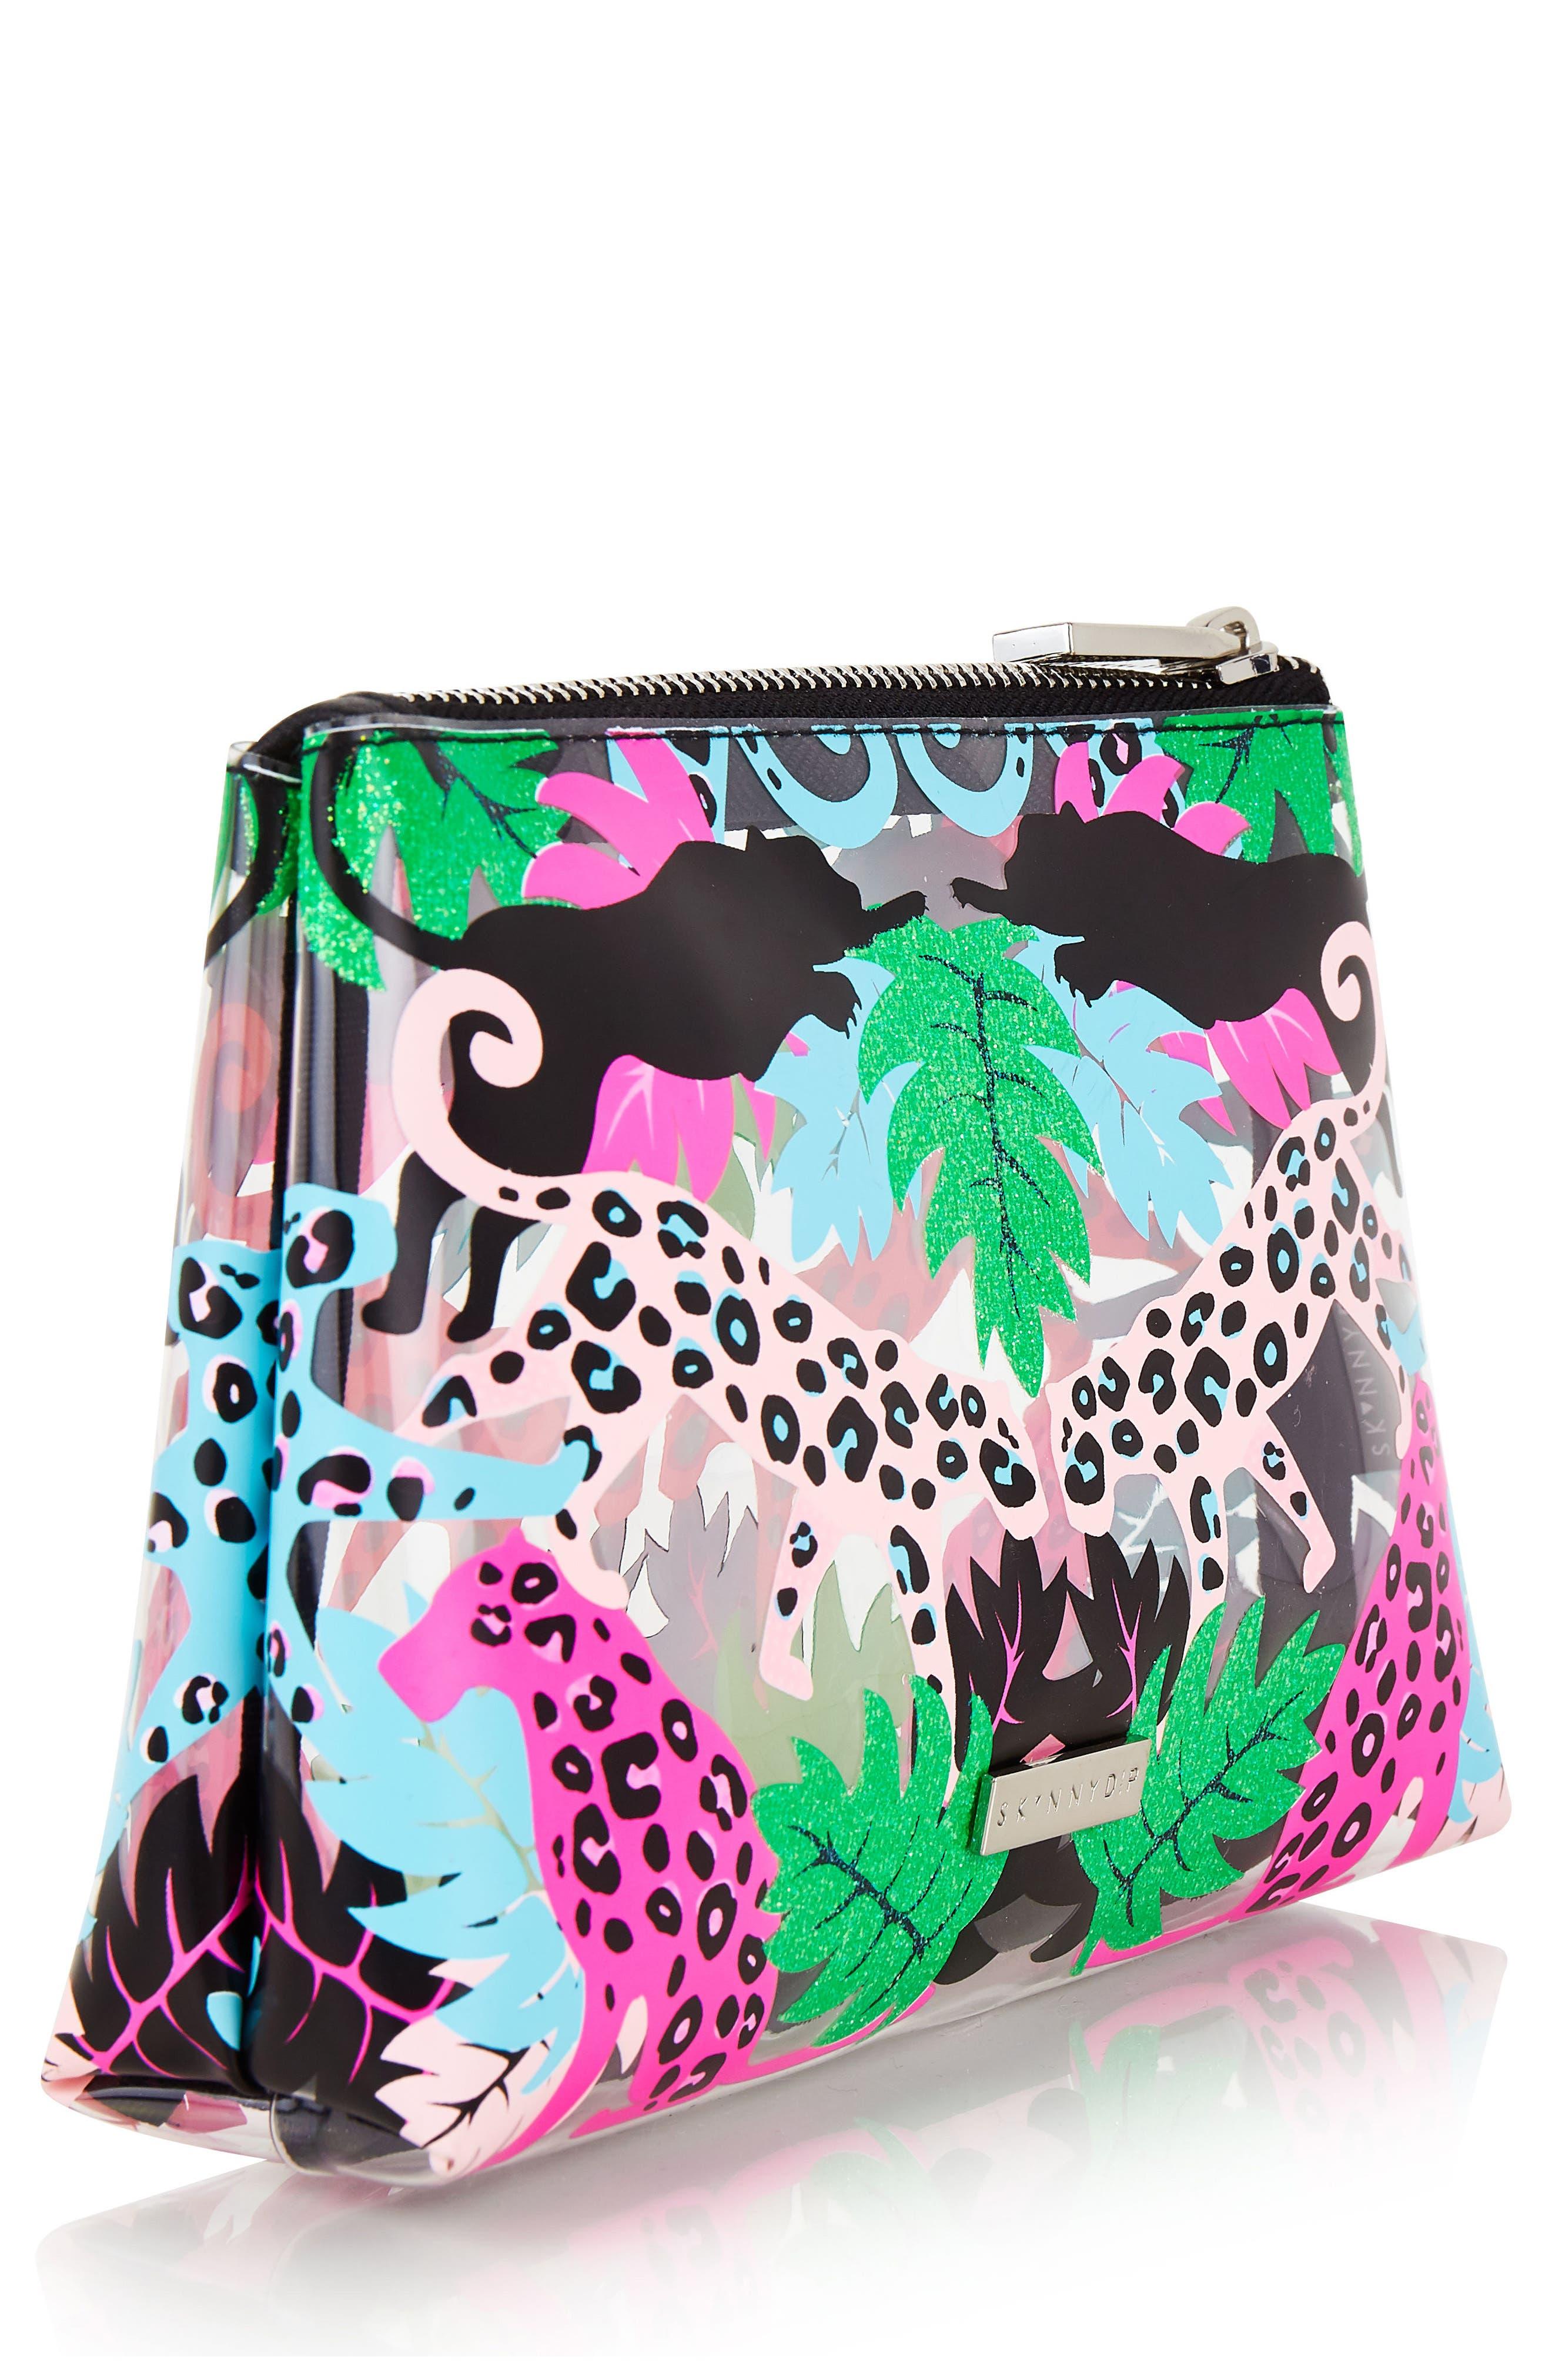 Main Image - Skinny Dip Carmen Makeup Bag